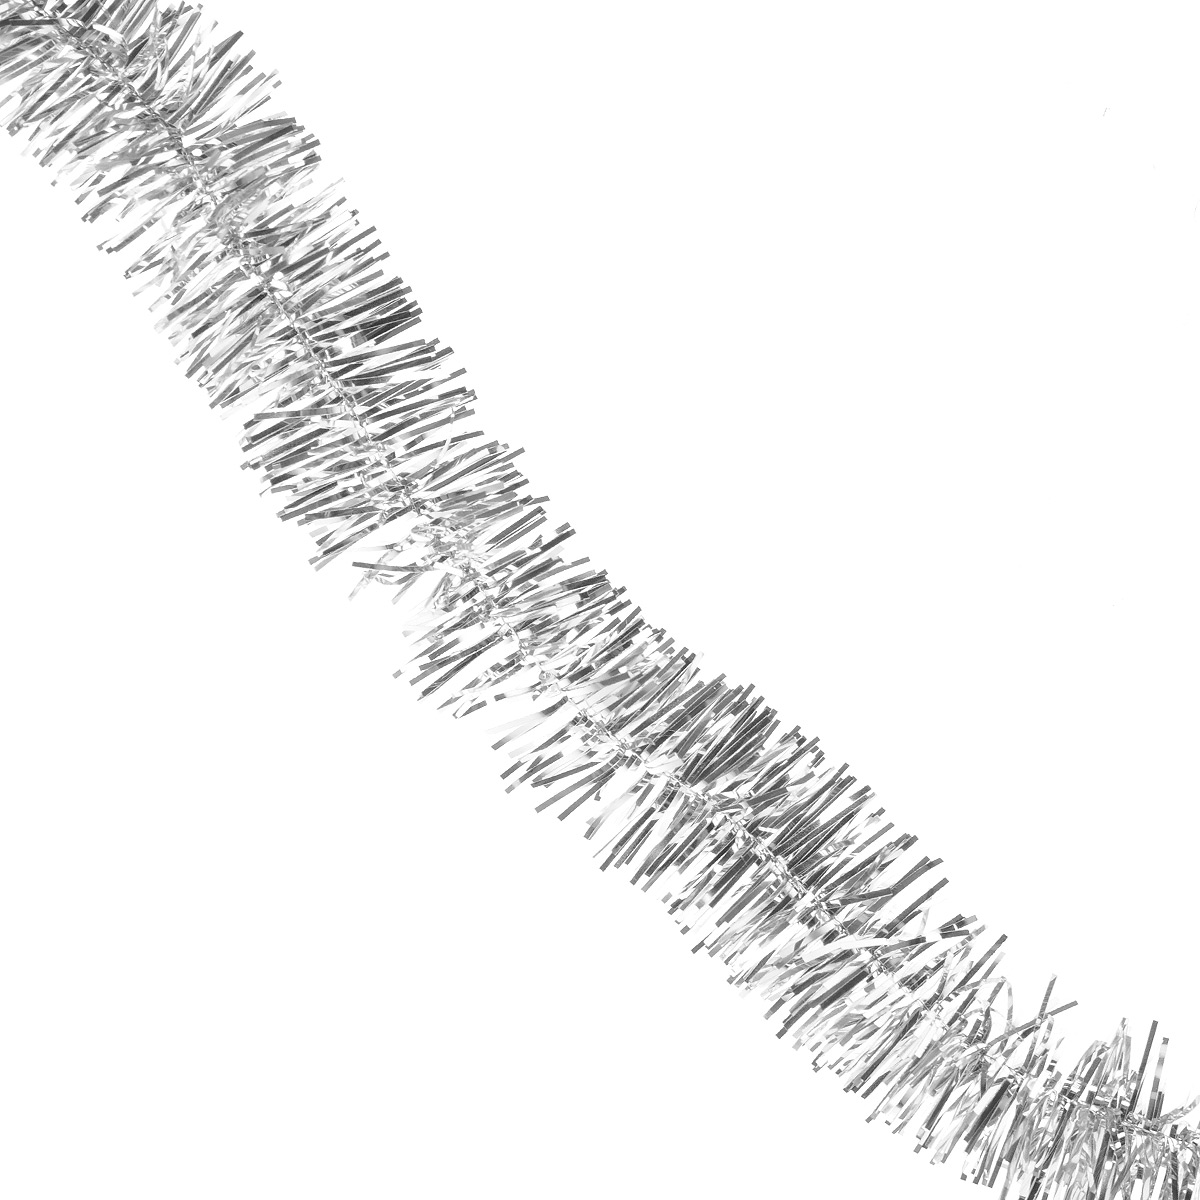 Мишура новогодняя Sima-land, цвет: серебристый, диаметр 3 см, длина 132 см. 701304701304Мишура новогодняя Sima-land, выполненная из фольги, поможет вам украсить свой дом к предстоящим праздникам. Мишура армирована, то есть имеет проволоку внутри и способна сохранять приданную ей форму.Новогодняя елка с таким украшением станет еще наряднее. Новогодней мишурой можно украсить все, что угодно - елку, квартиру, дачу, офис - как внутри, так и снаружи. Можно сложить новогодние поздравления, буквы и цифры, мишурой можно украсить и дополнить гирлянды, можно выделить дверные колонны, оплести дверные проемы. Коллекция декоративных украшений из серии Зимнее волшебство принесет в ваш дом ни с чем несравнимое ощущение праздника! Создайте в своем доме атмосферу тепла, веселья и радости, украшая его всей семьей.